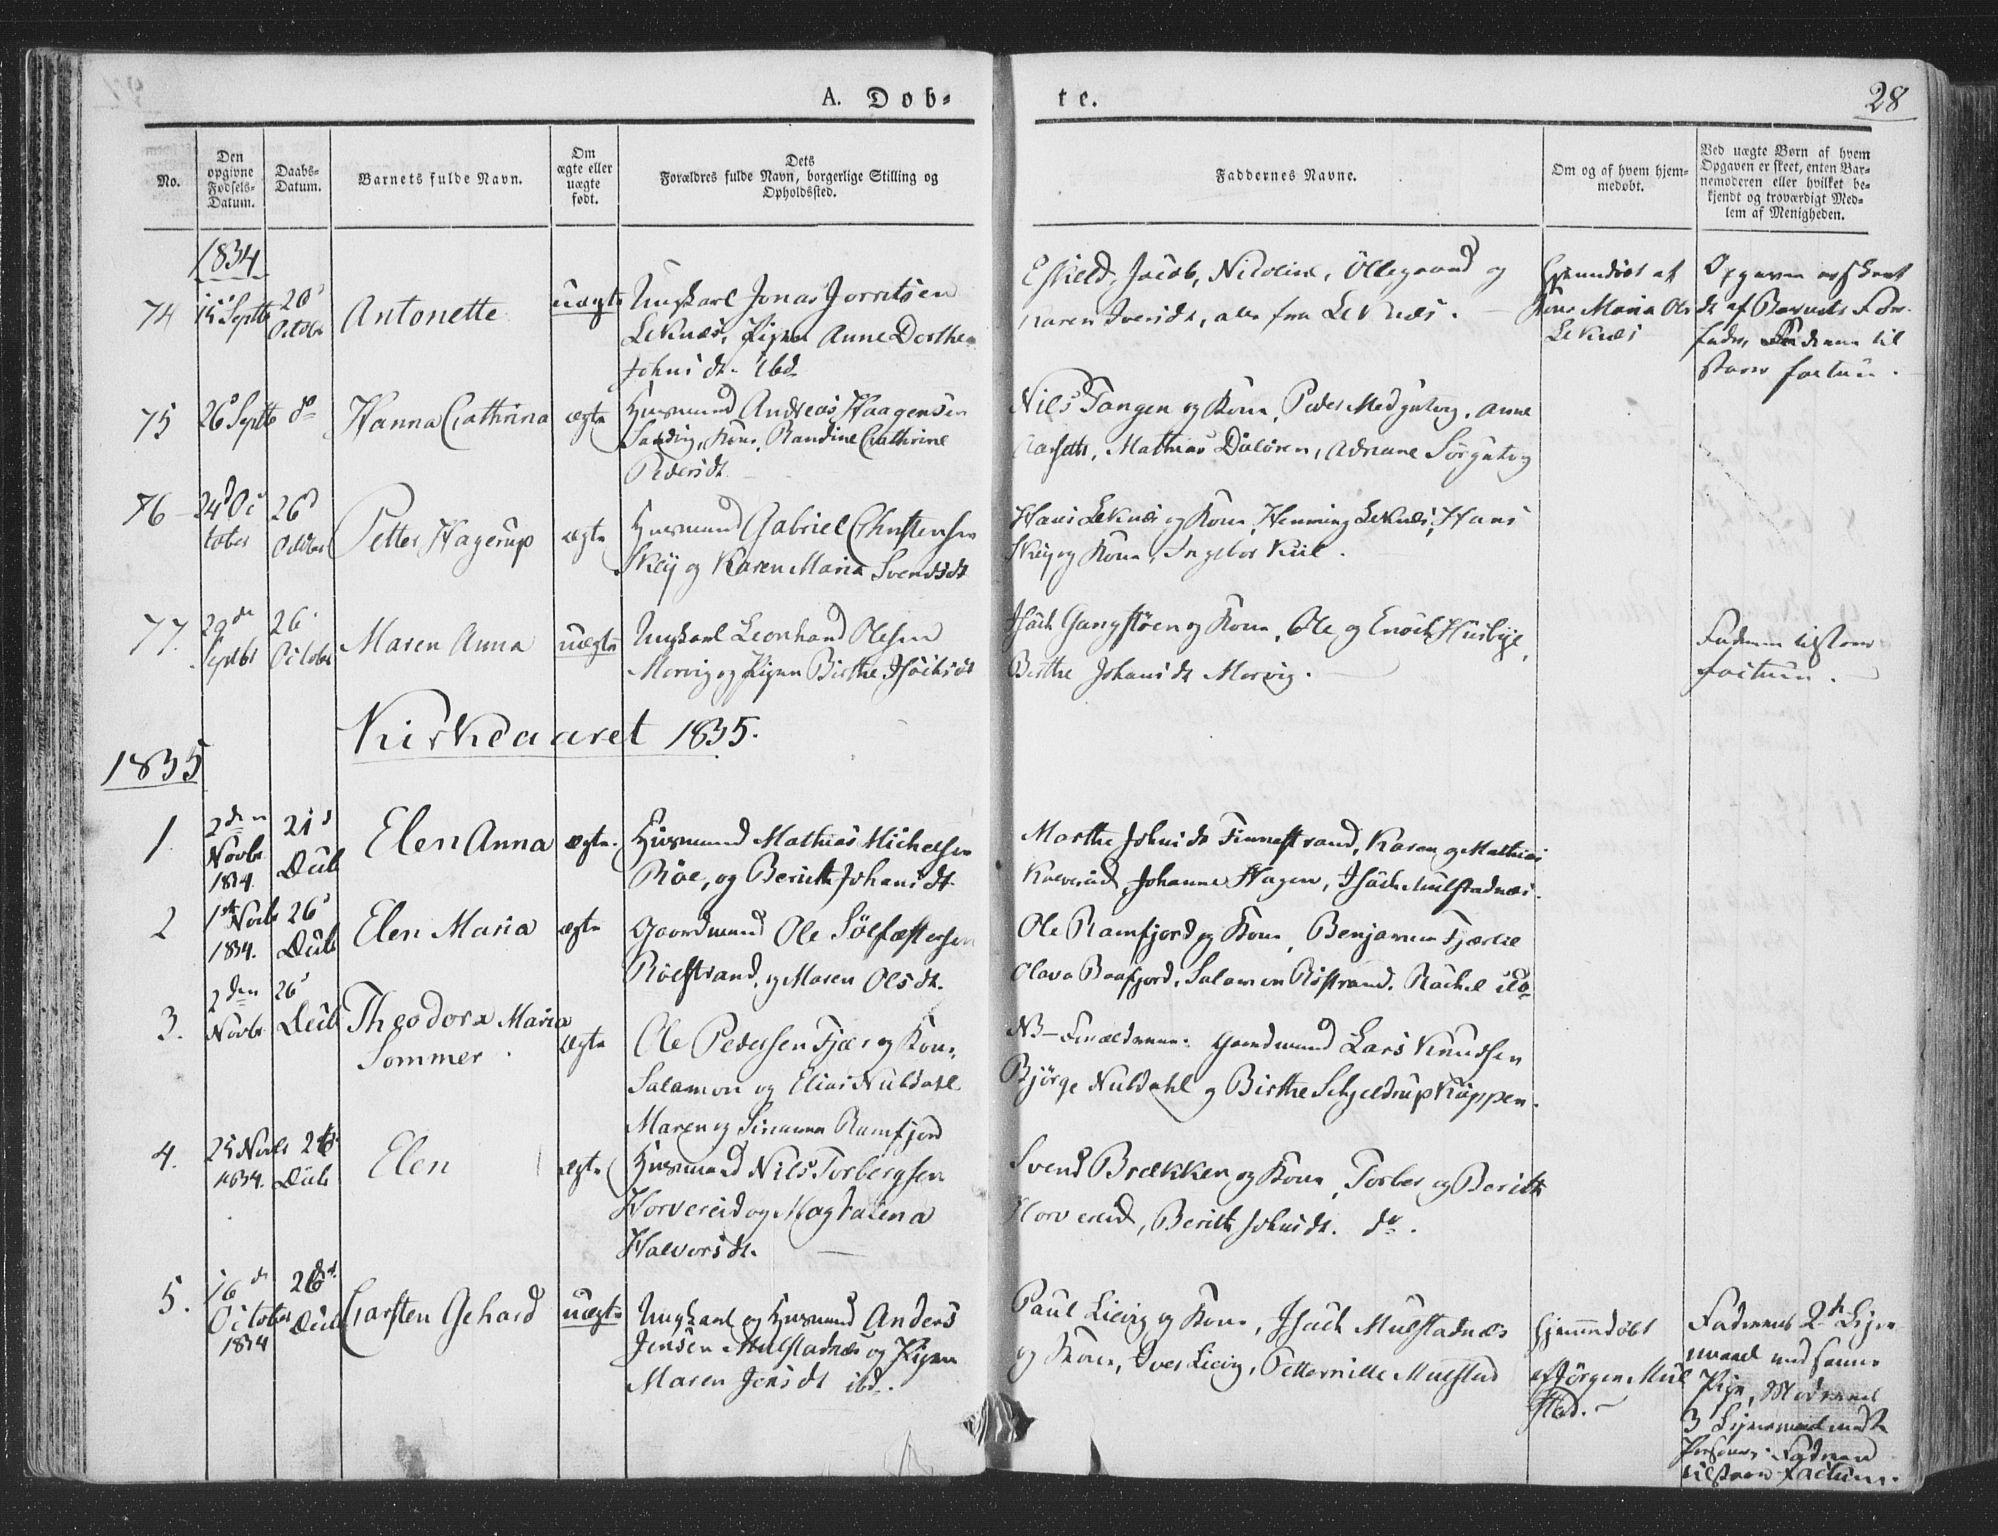 SAT, Ministerialprotokoller, klokkerbøker og fødselsregistre - Nord-Trøndelag, 780/L0639: Ministerialbok nr. 780A04, 1830-1844, s. 28